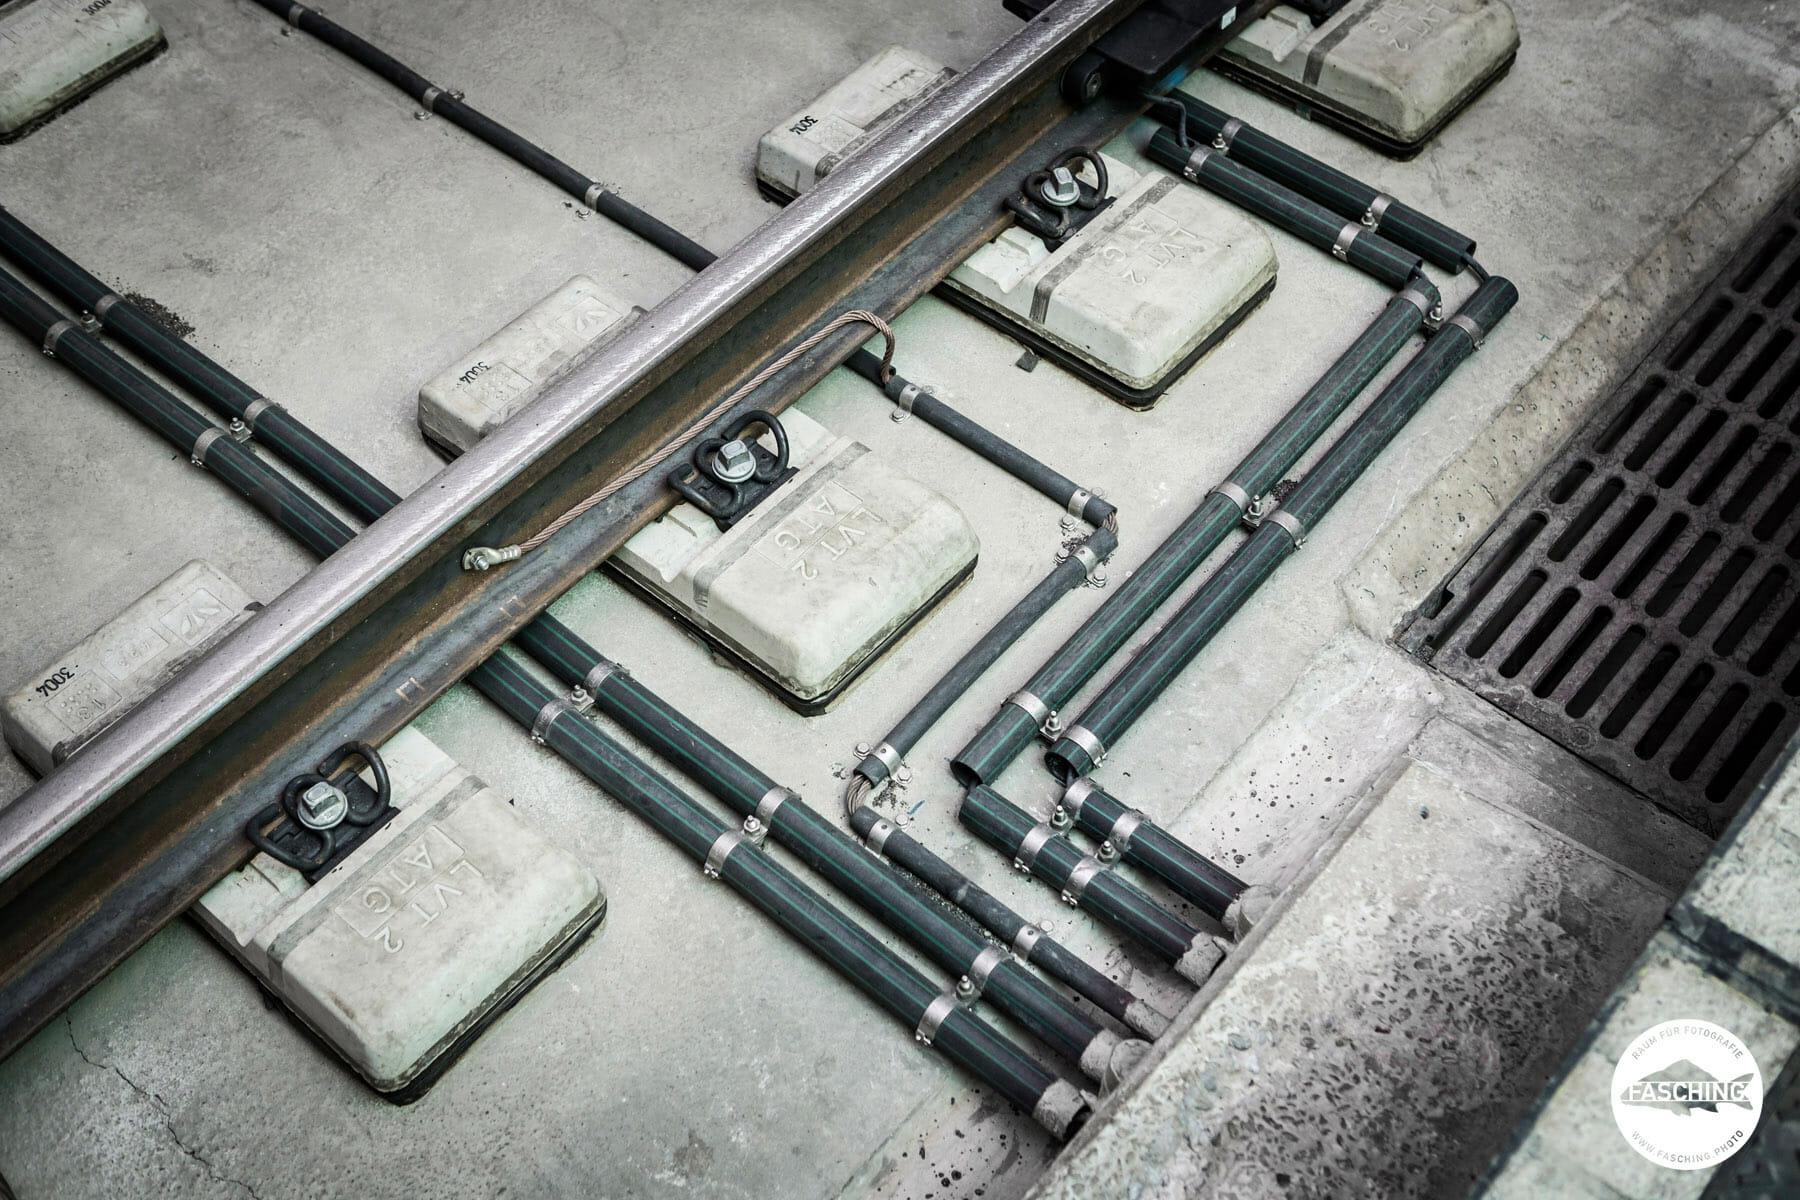 Industriefotograf Luca Fasching fotografierte dieses Bild